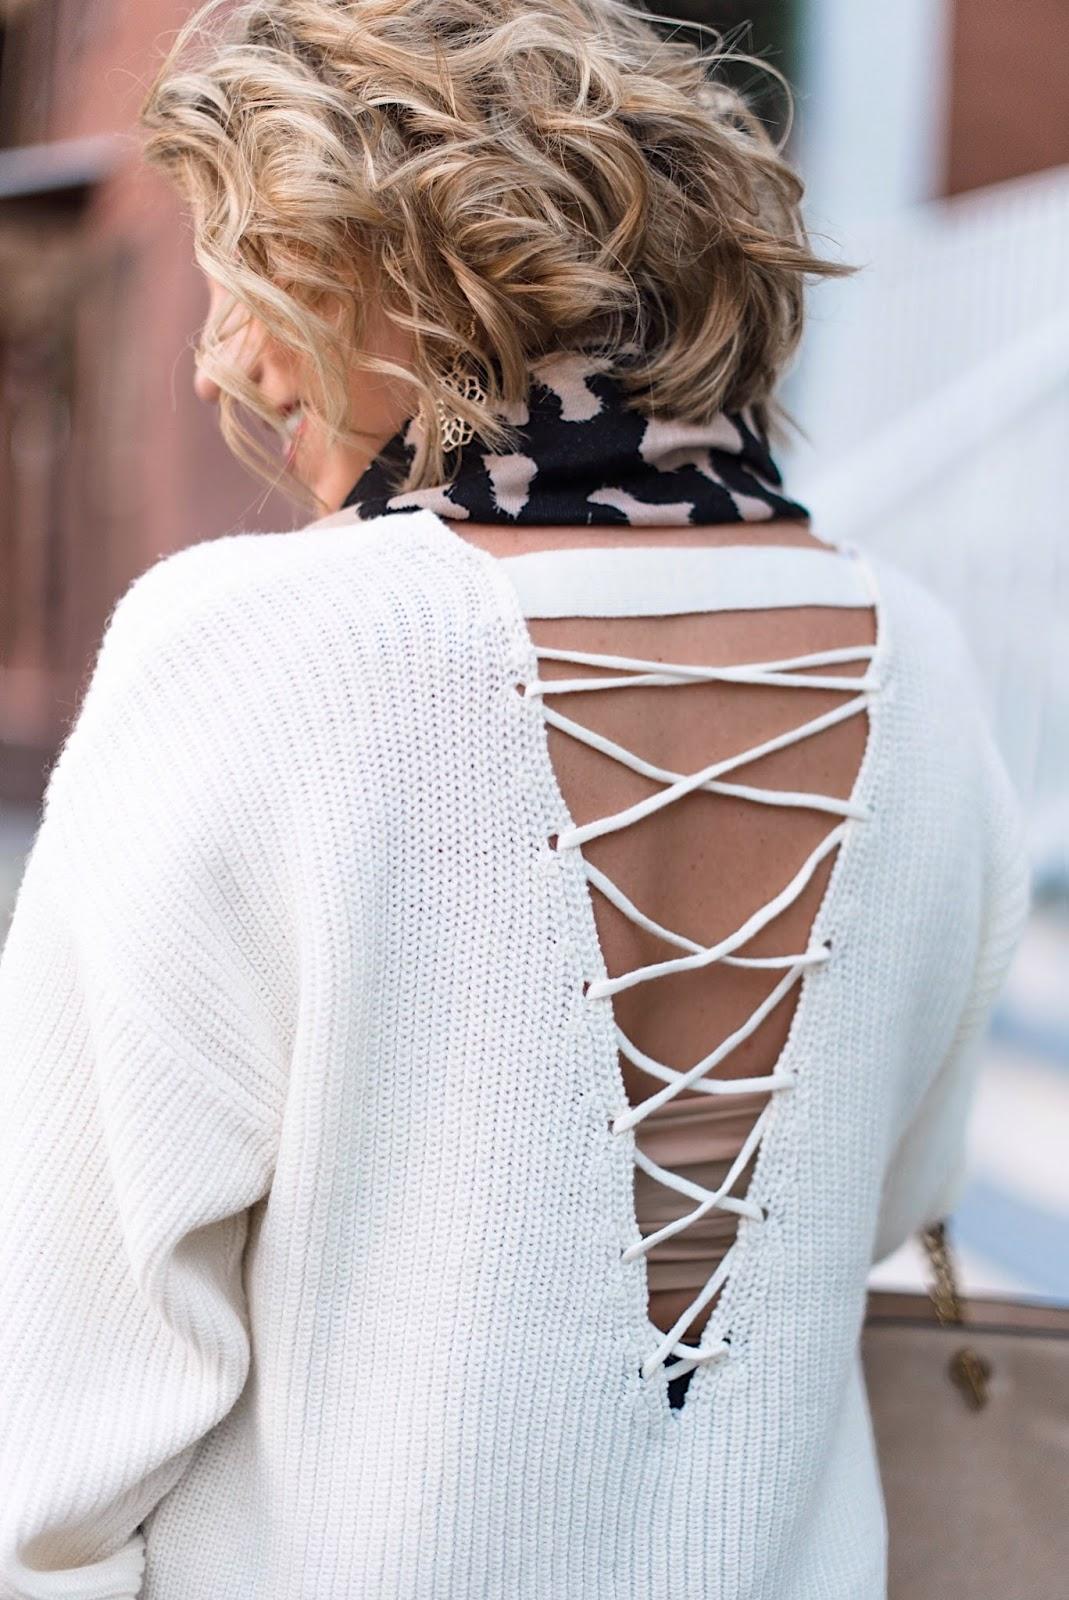 Lattice-Back Sweater - Something Delightful Blog